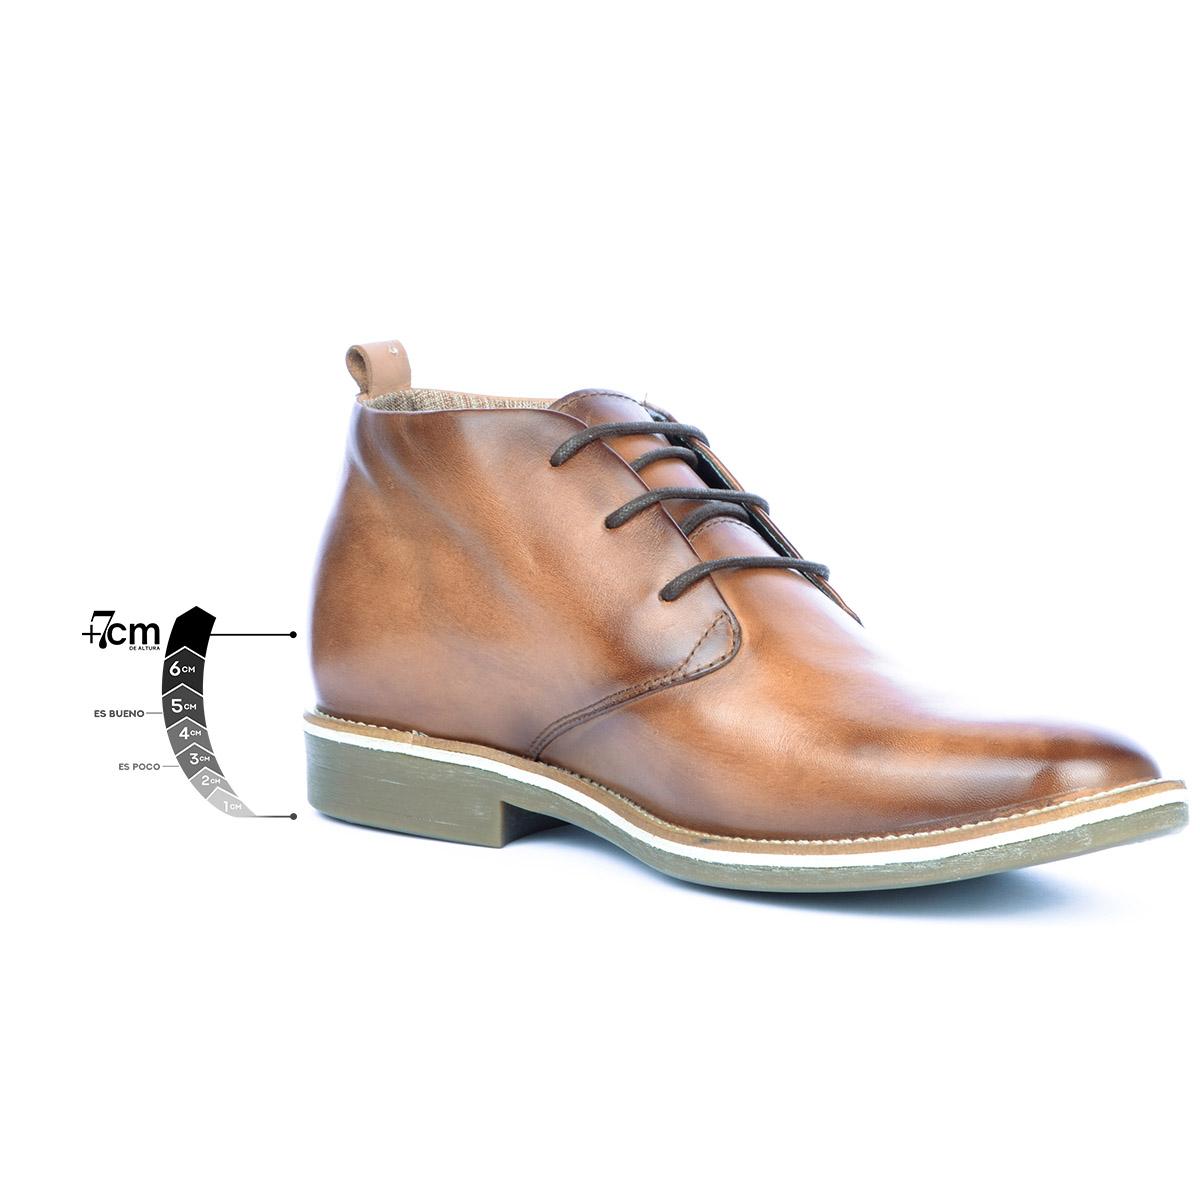 Botín Casual Indiana Miel Max Denegri + 7cms de Altura_76376